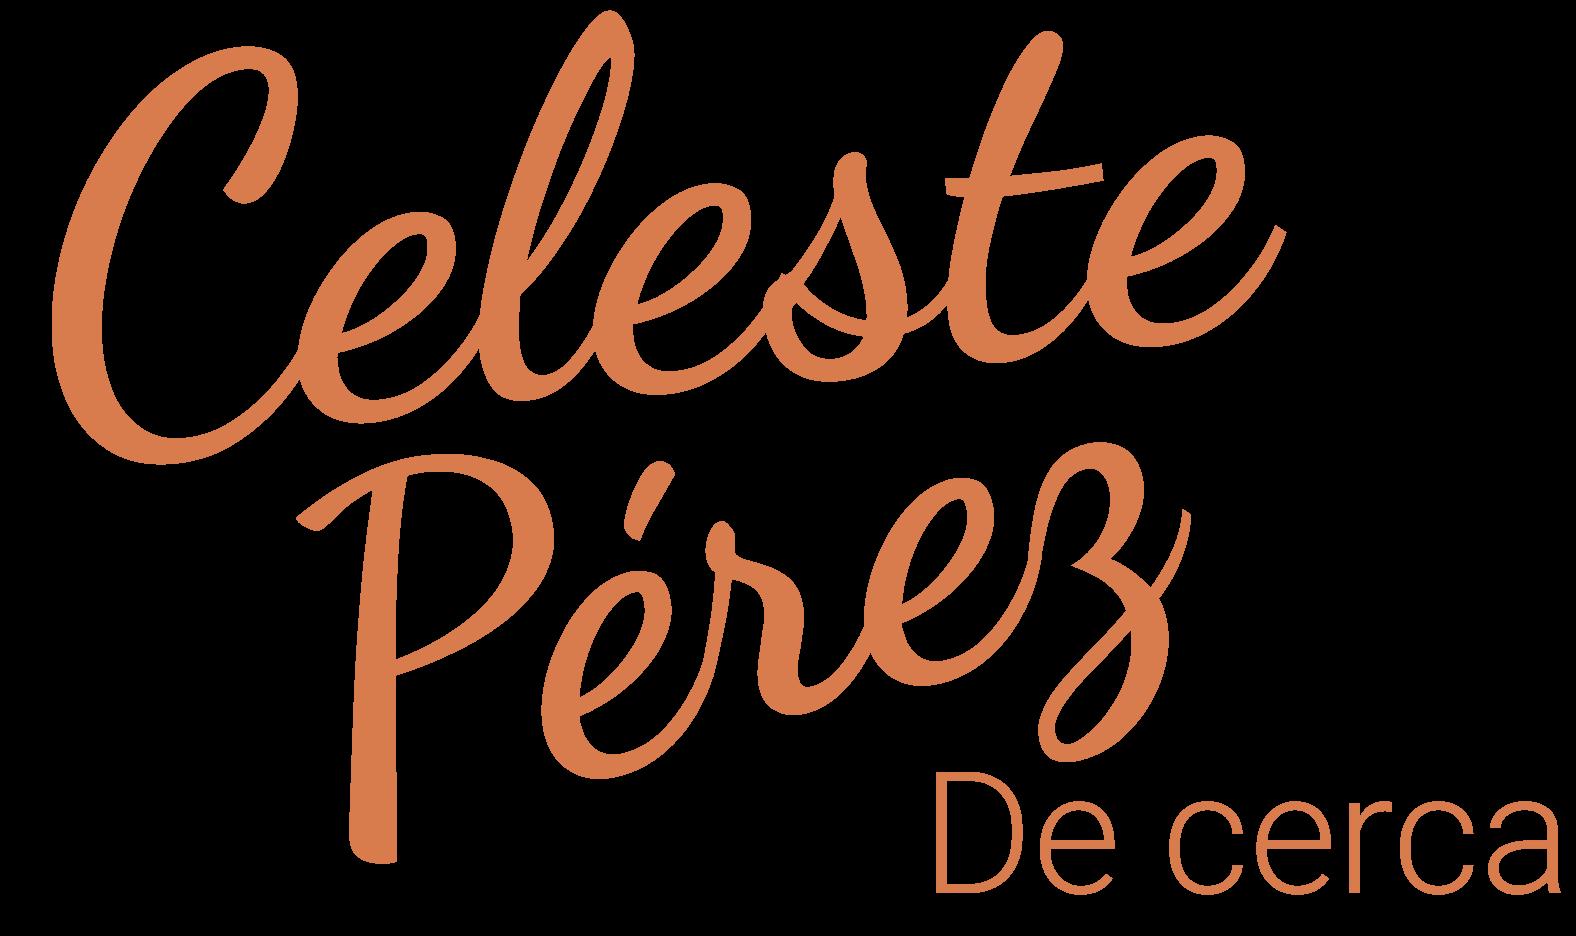 Celeste Pérez